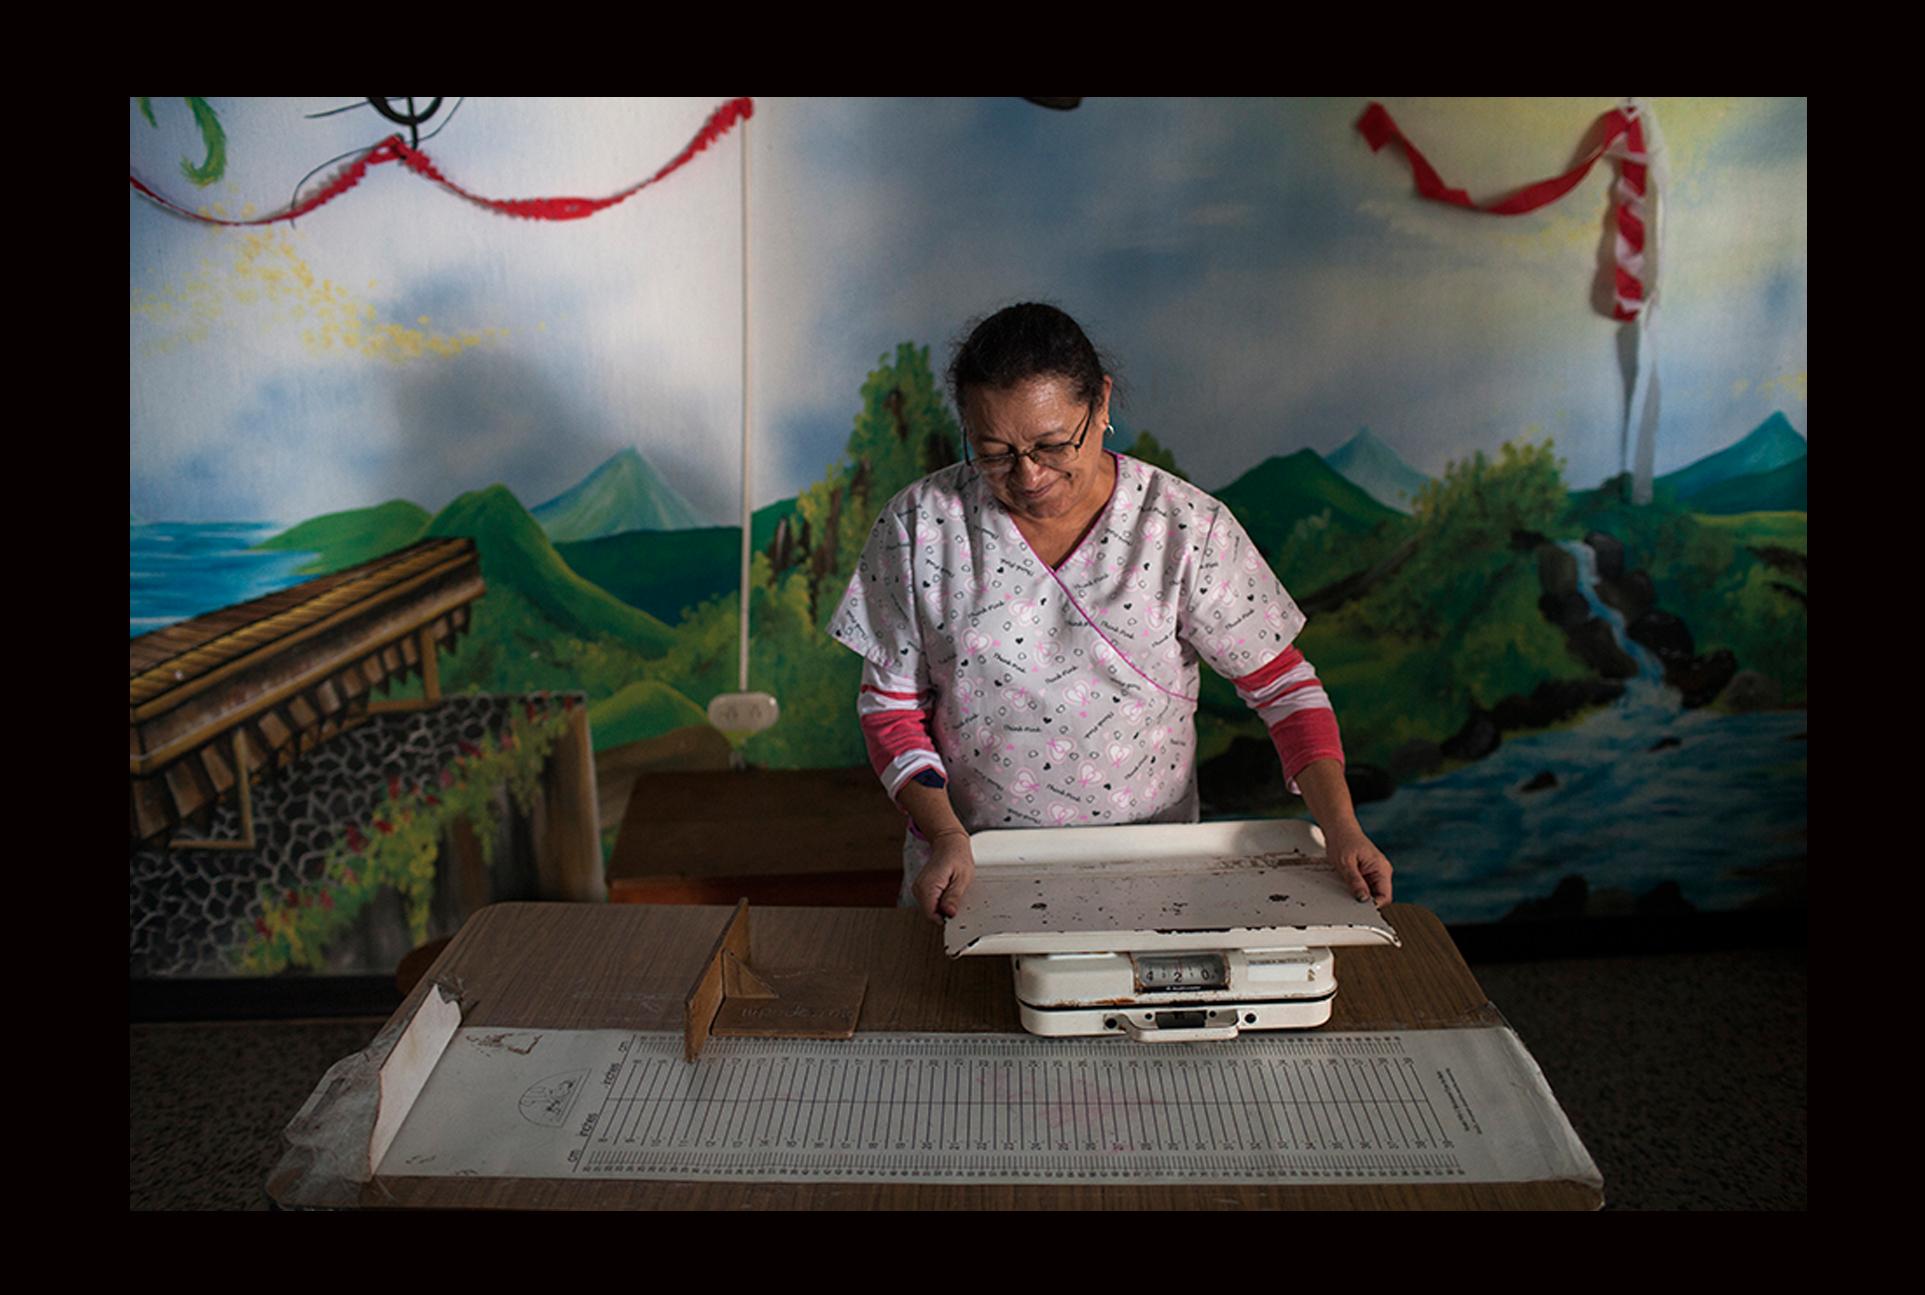 Silvia Rodríguez, directora del Districto Nº 10 Guineales. El último tambo de gas para esterilizar las herramientas médicas lo compró con el dinero de su bolsa.